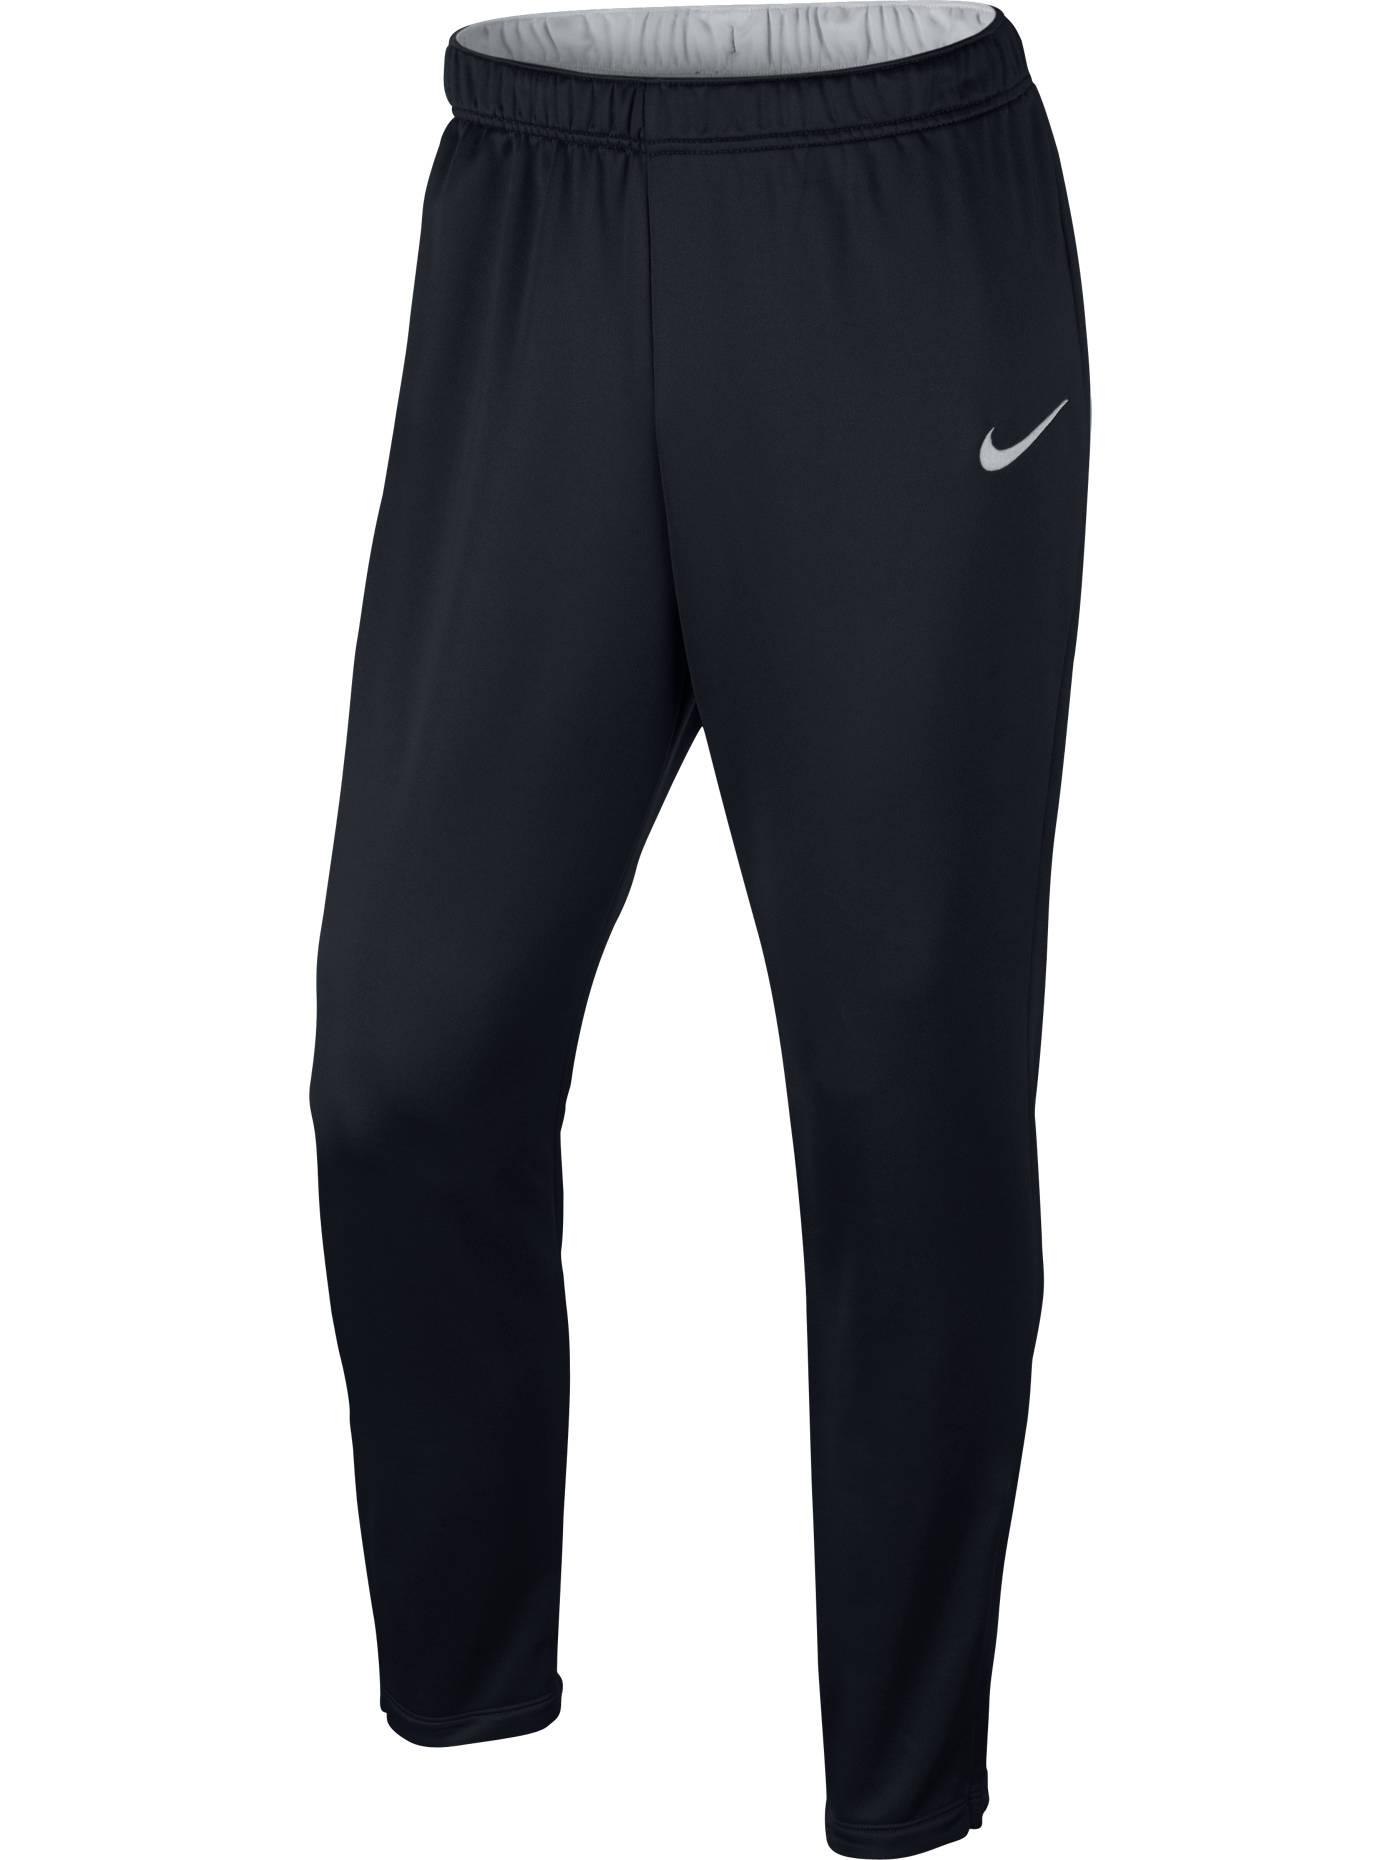 Outlet Tute Nike da Donna | Sconti fino al 70% su Graffitishop